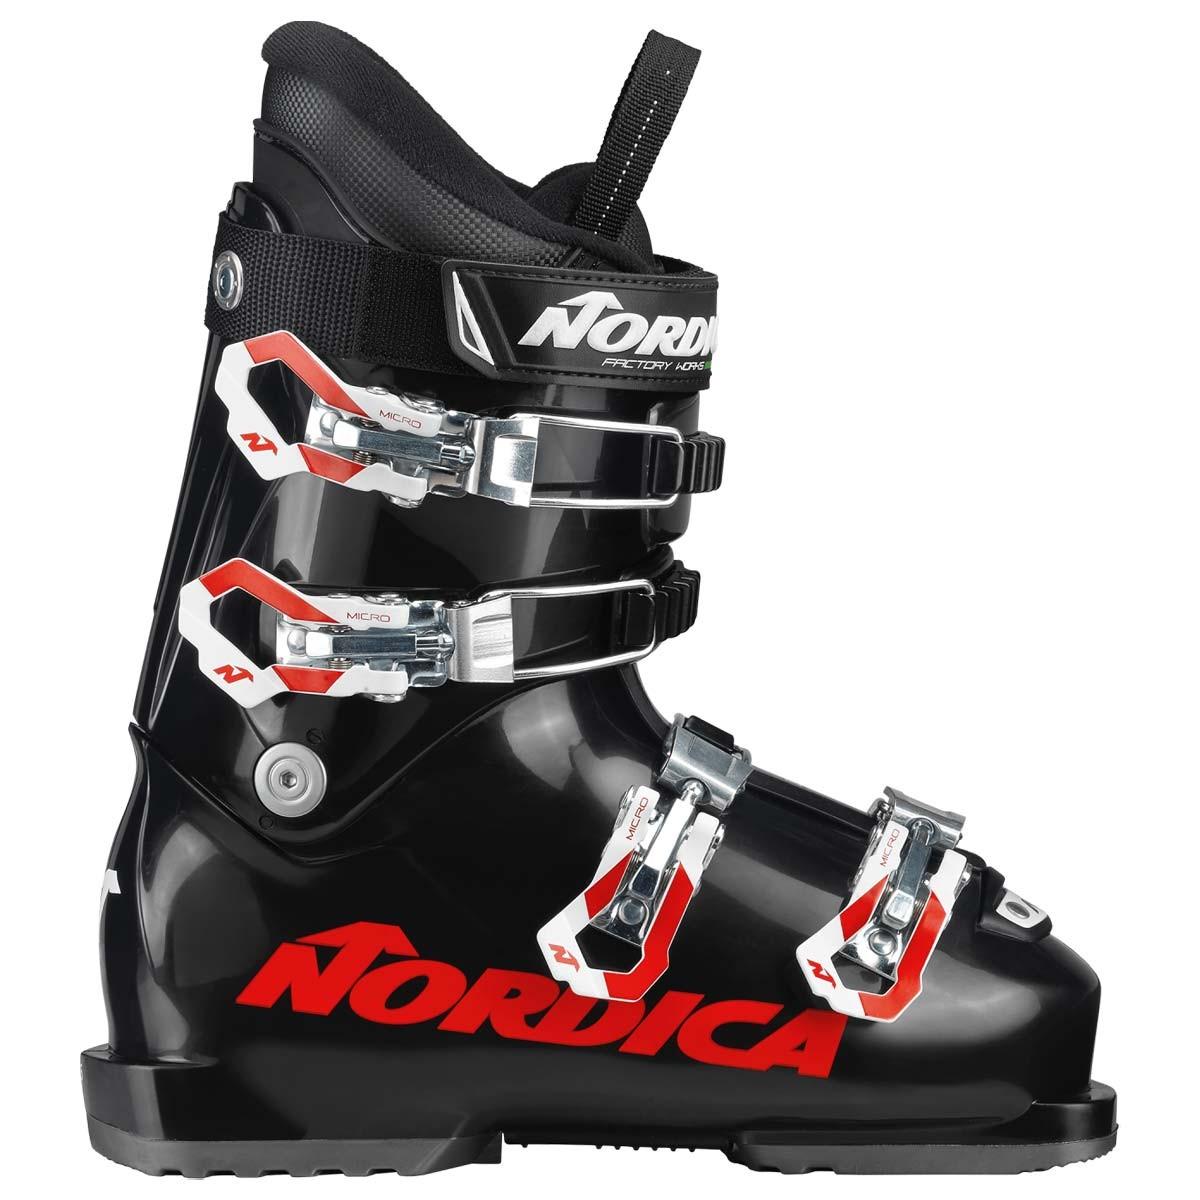 Scarponi da sci da bambino Nordica Dobermann GP 60 (Colore: Black, Taglia: 24)